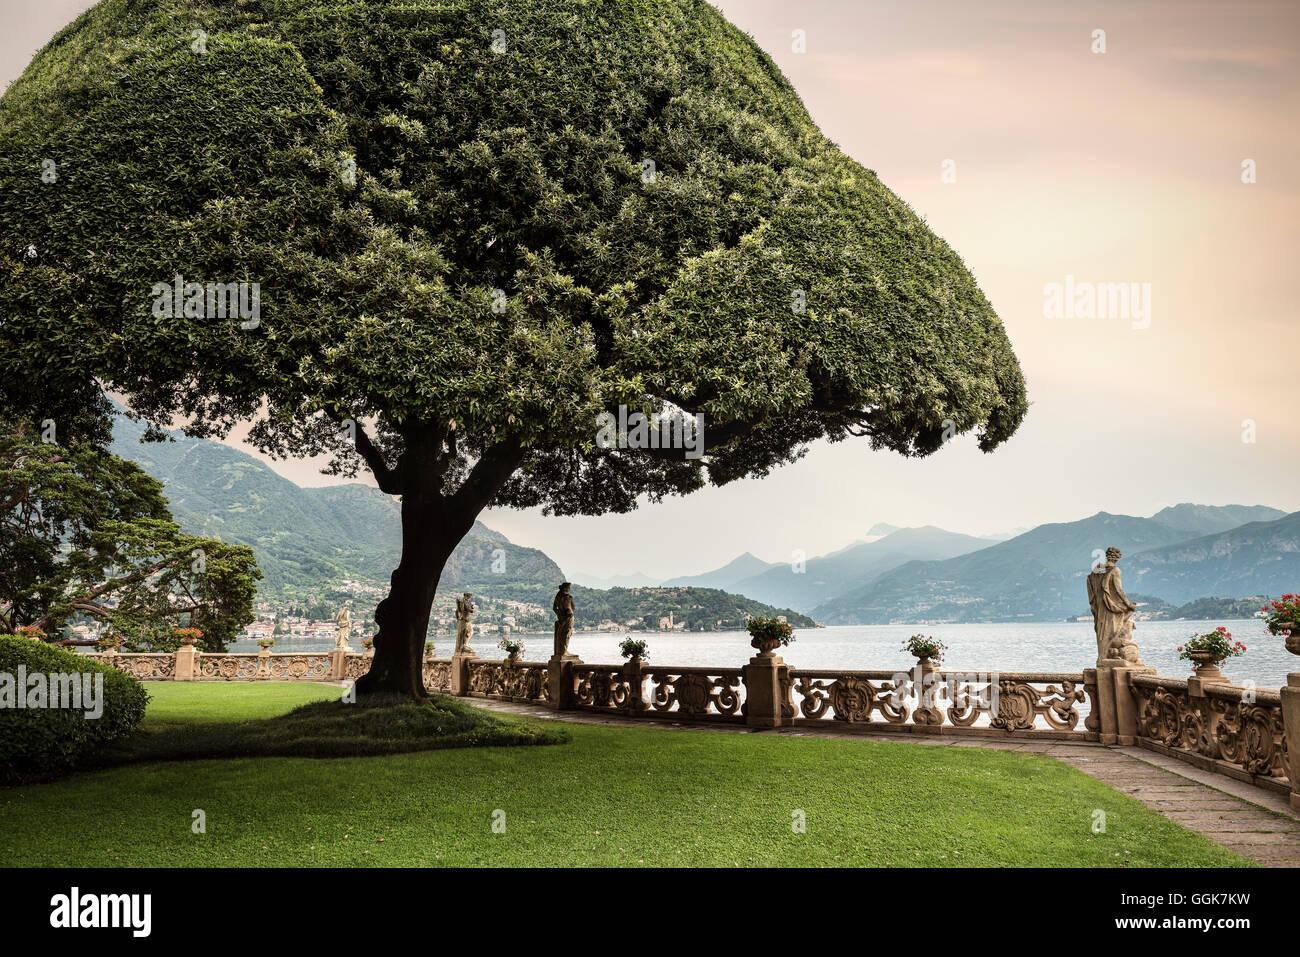 Garten mit tollen Baum in Villa del Balbianello in Lenno, Comer See, Lombardei, Italien, Europa Stockbild